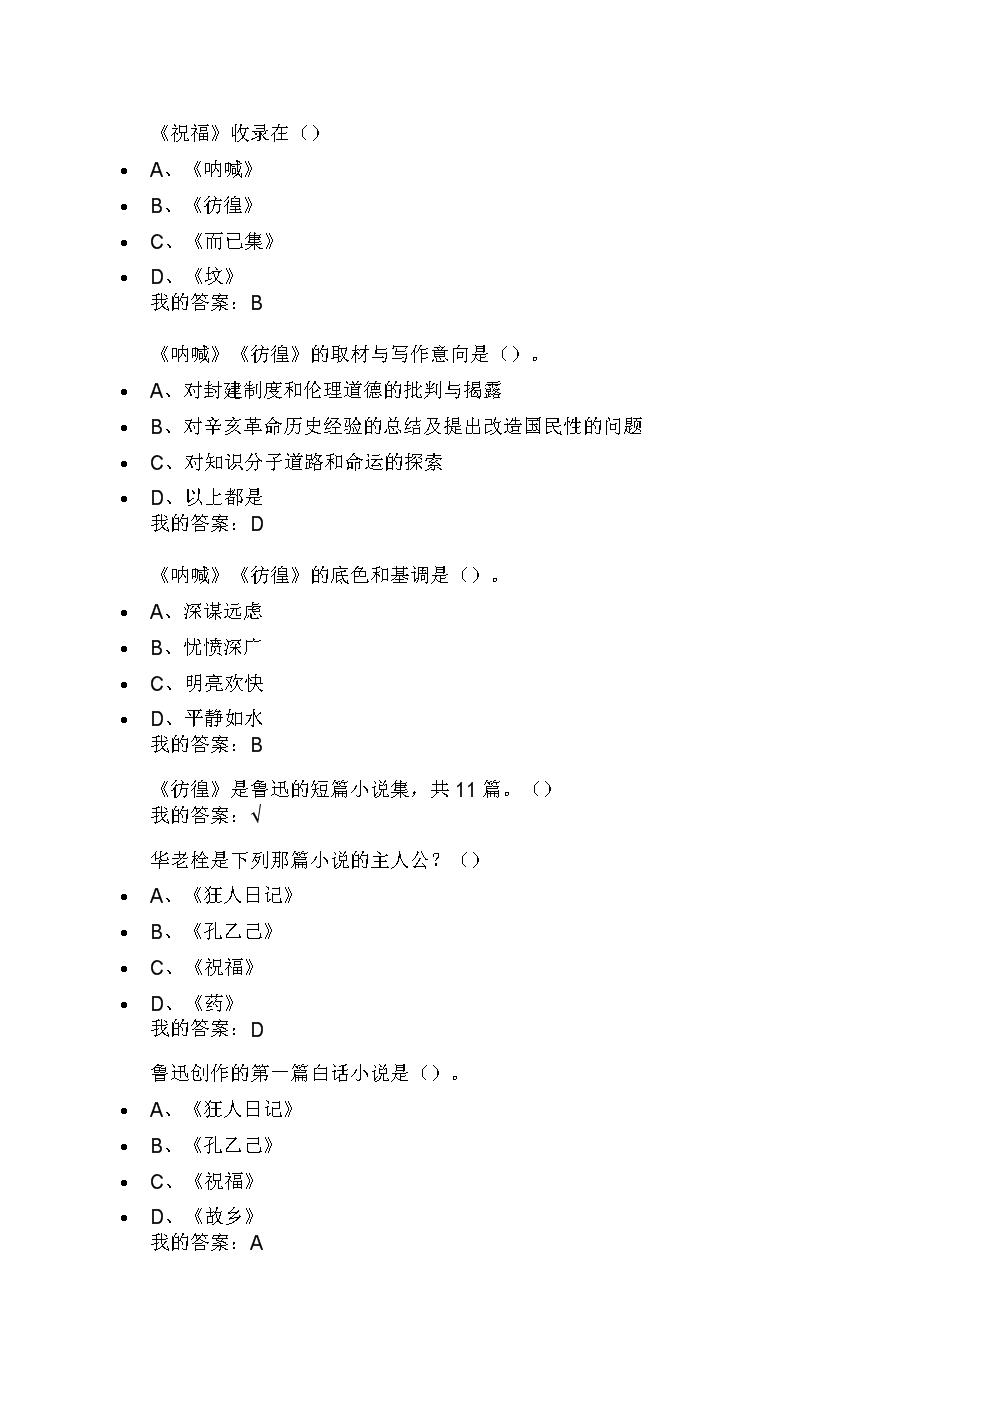 呐喊-白日梦(MP3歌词/LRC歌词) lrc歌词下载 第3张